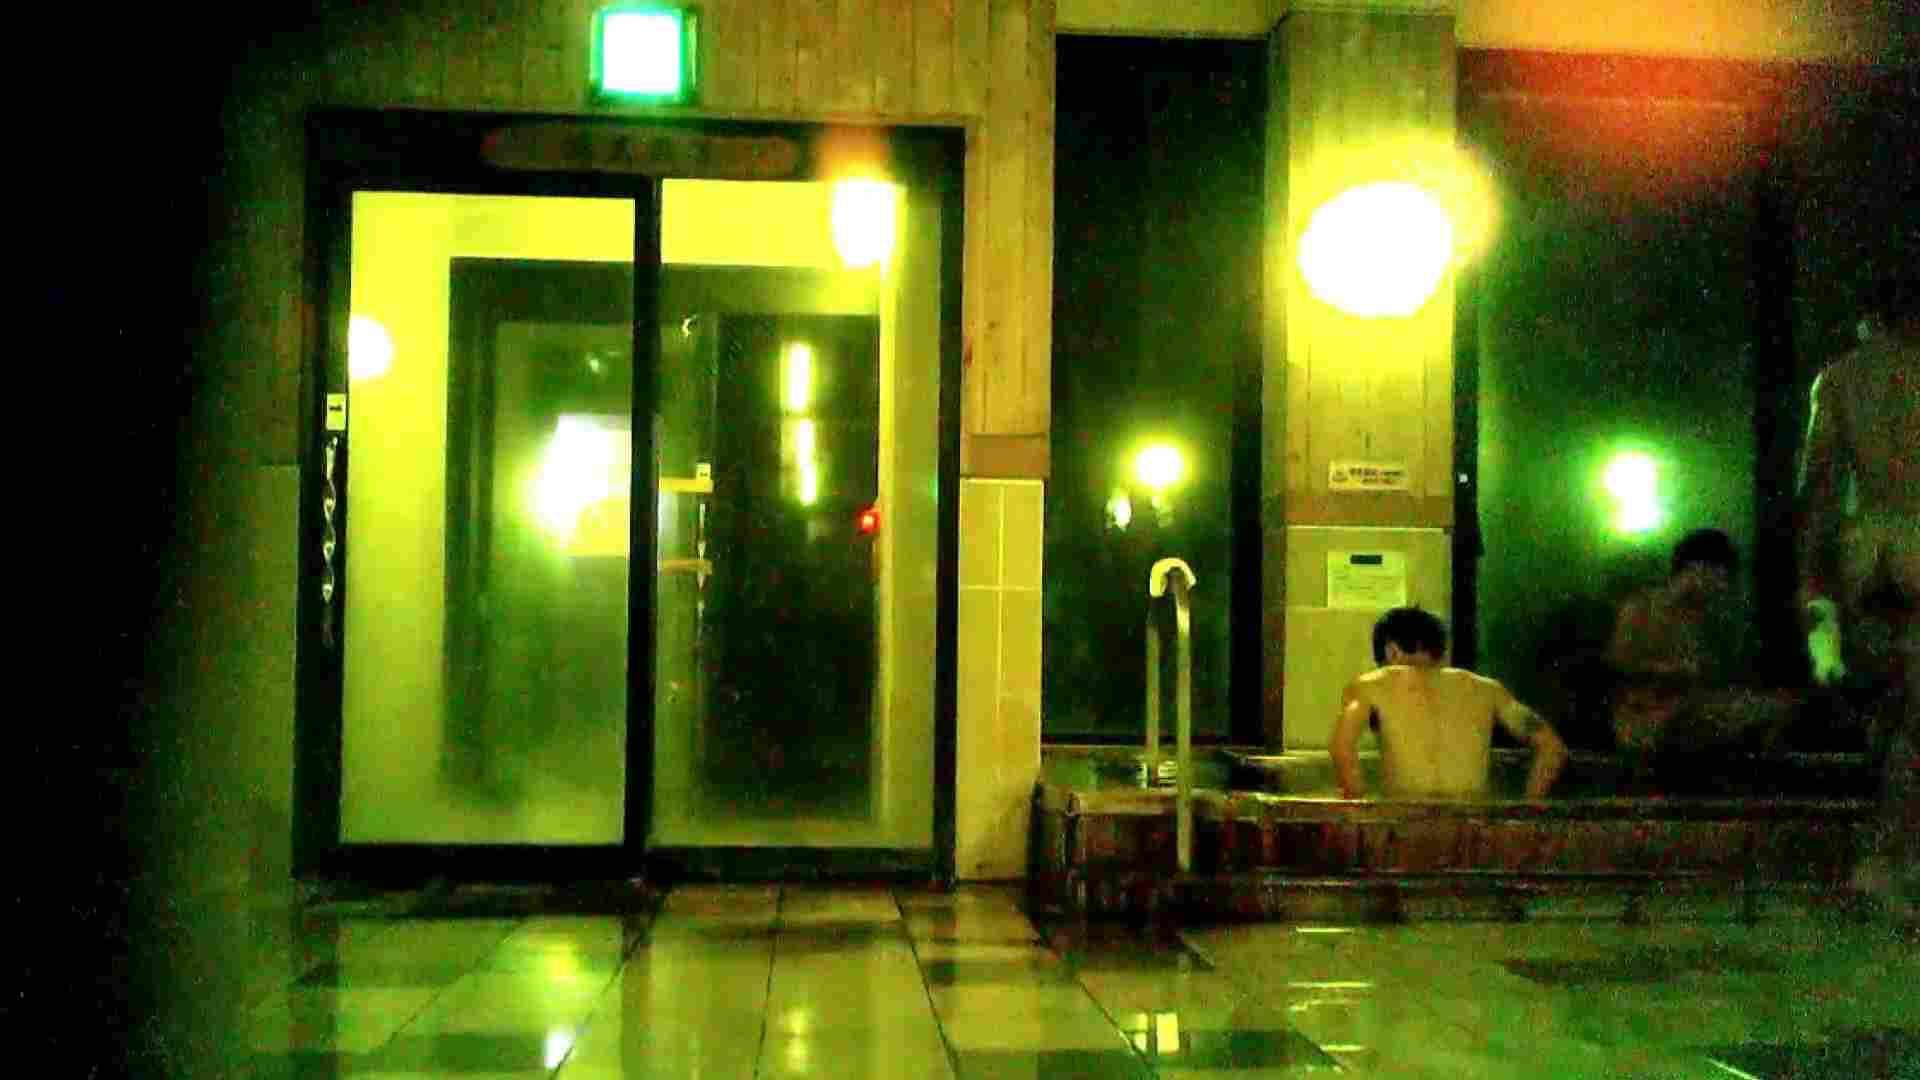 行くぜ!がっつり男風呂!Vol.25 イケメン合体 ゲイモロ見え画像 110連発 74